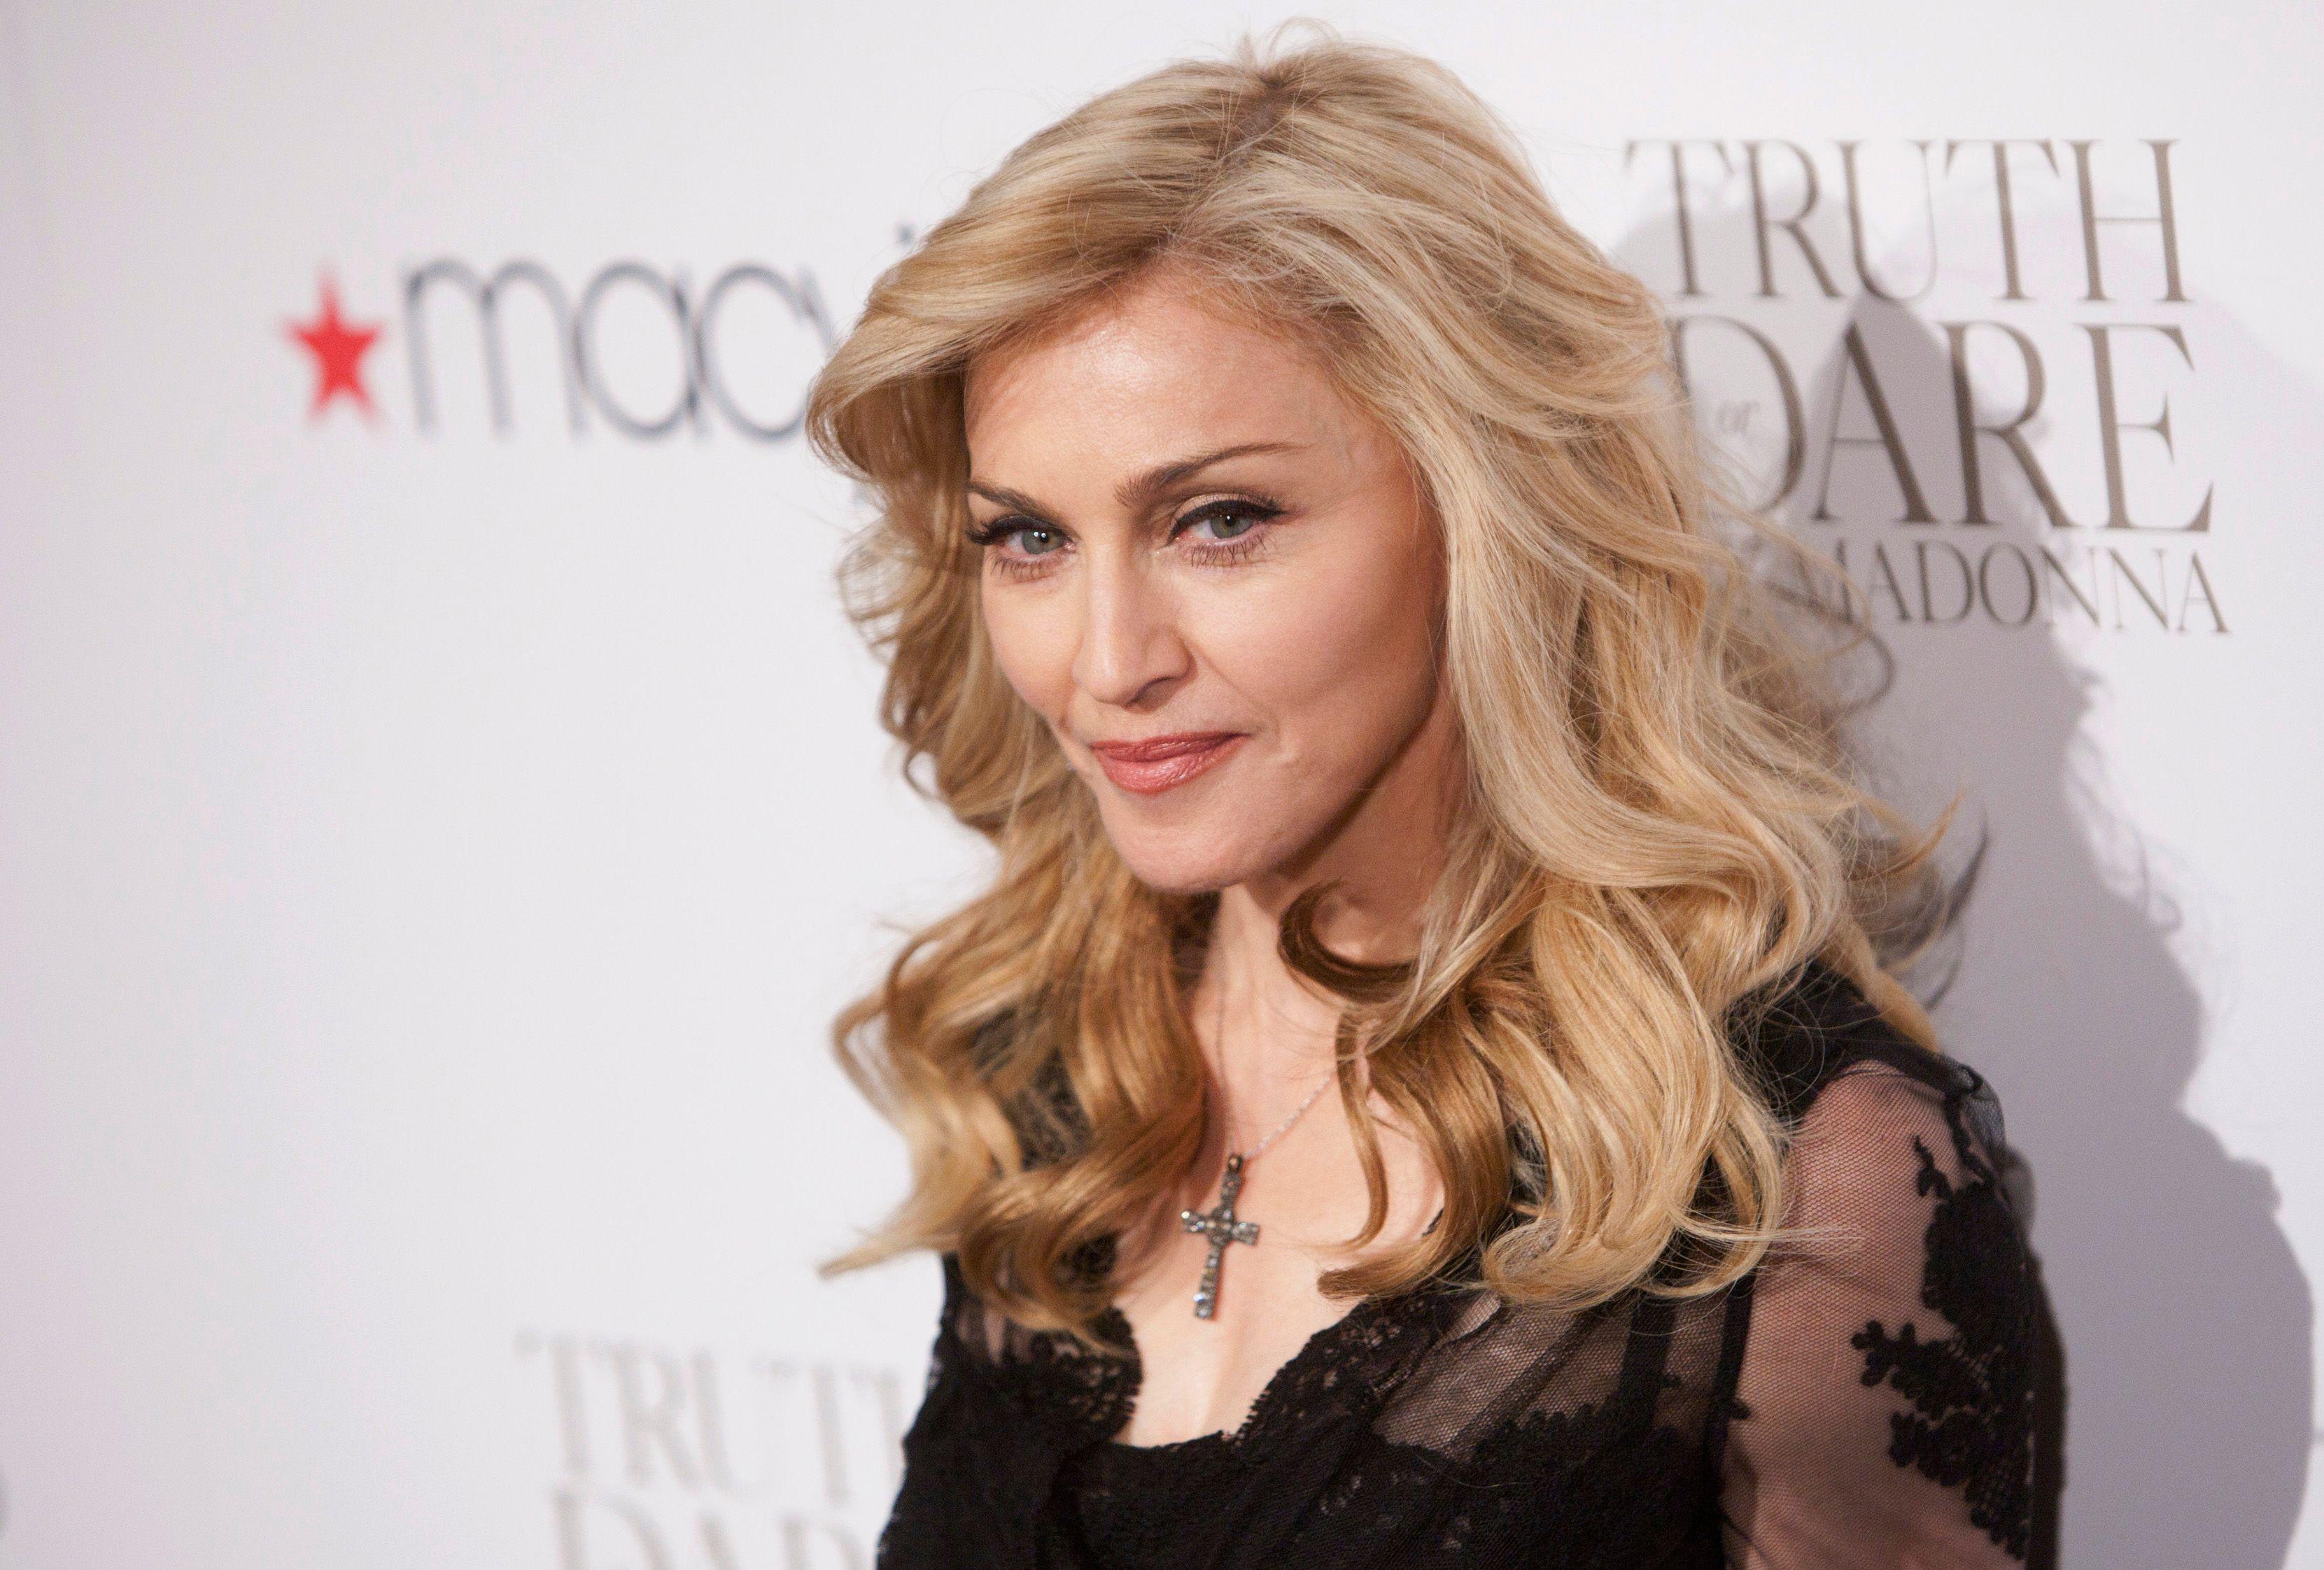 Madonna est très liée avec Marielle et Katia Labèque, deux pianistes basques de renommée internationale.